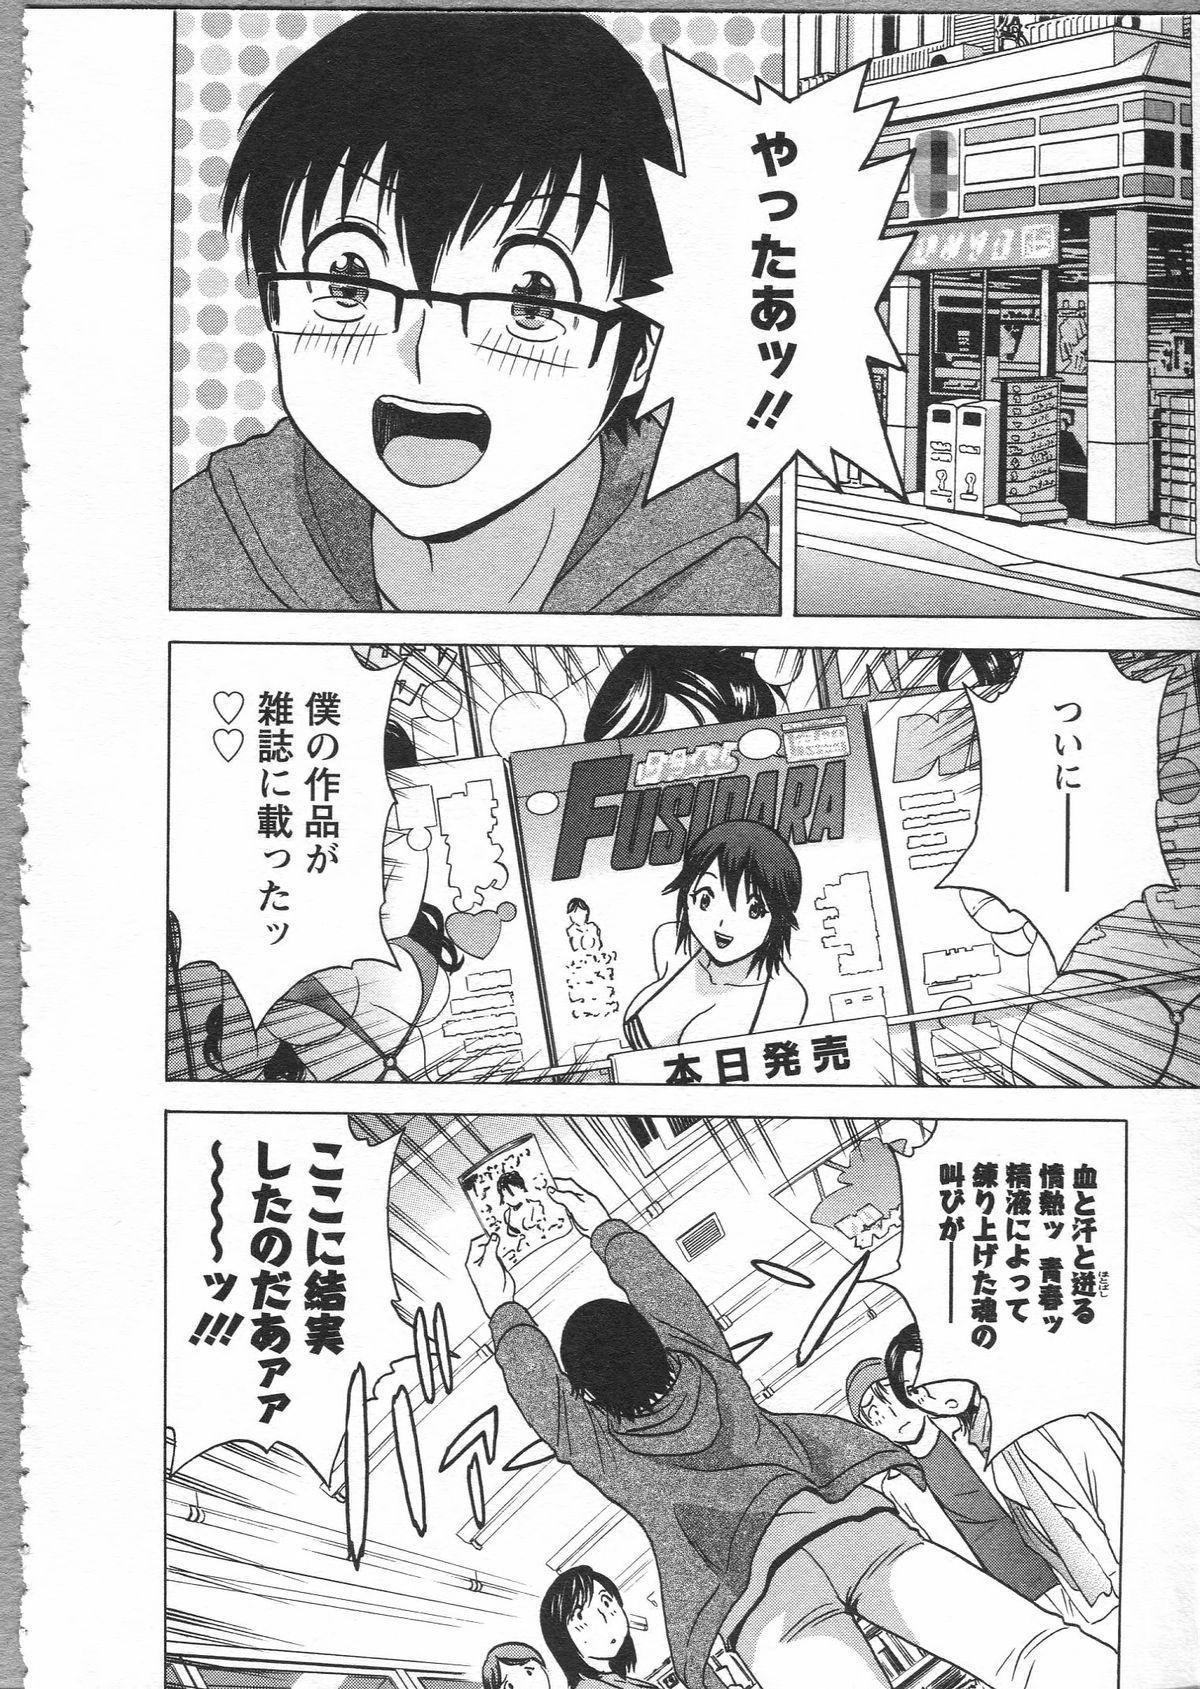 Manga no youna Hitozuma to no Hibi - Days with Married Women such as Comics. 171